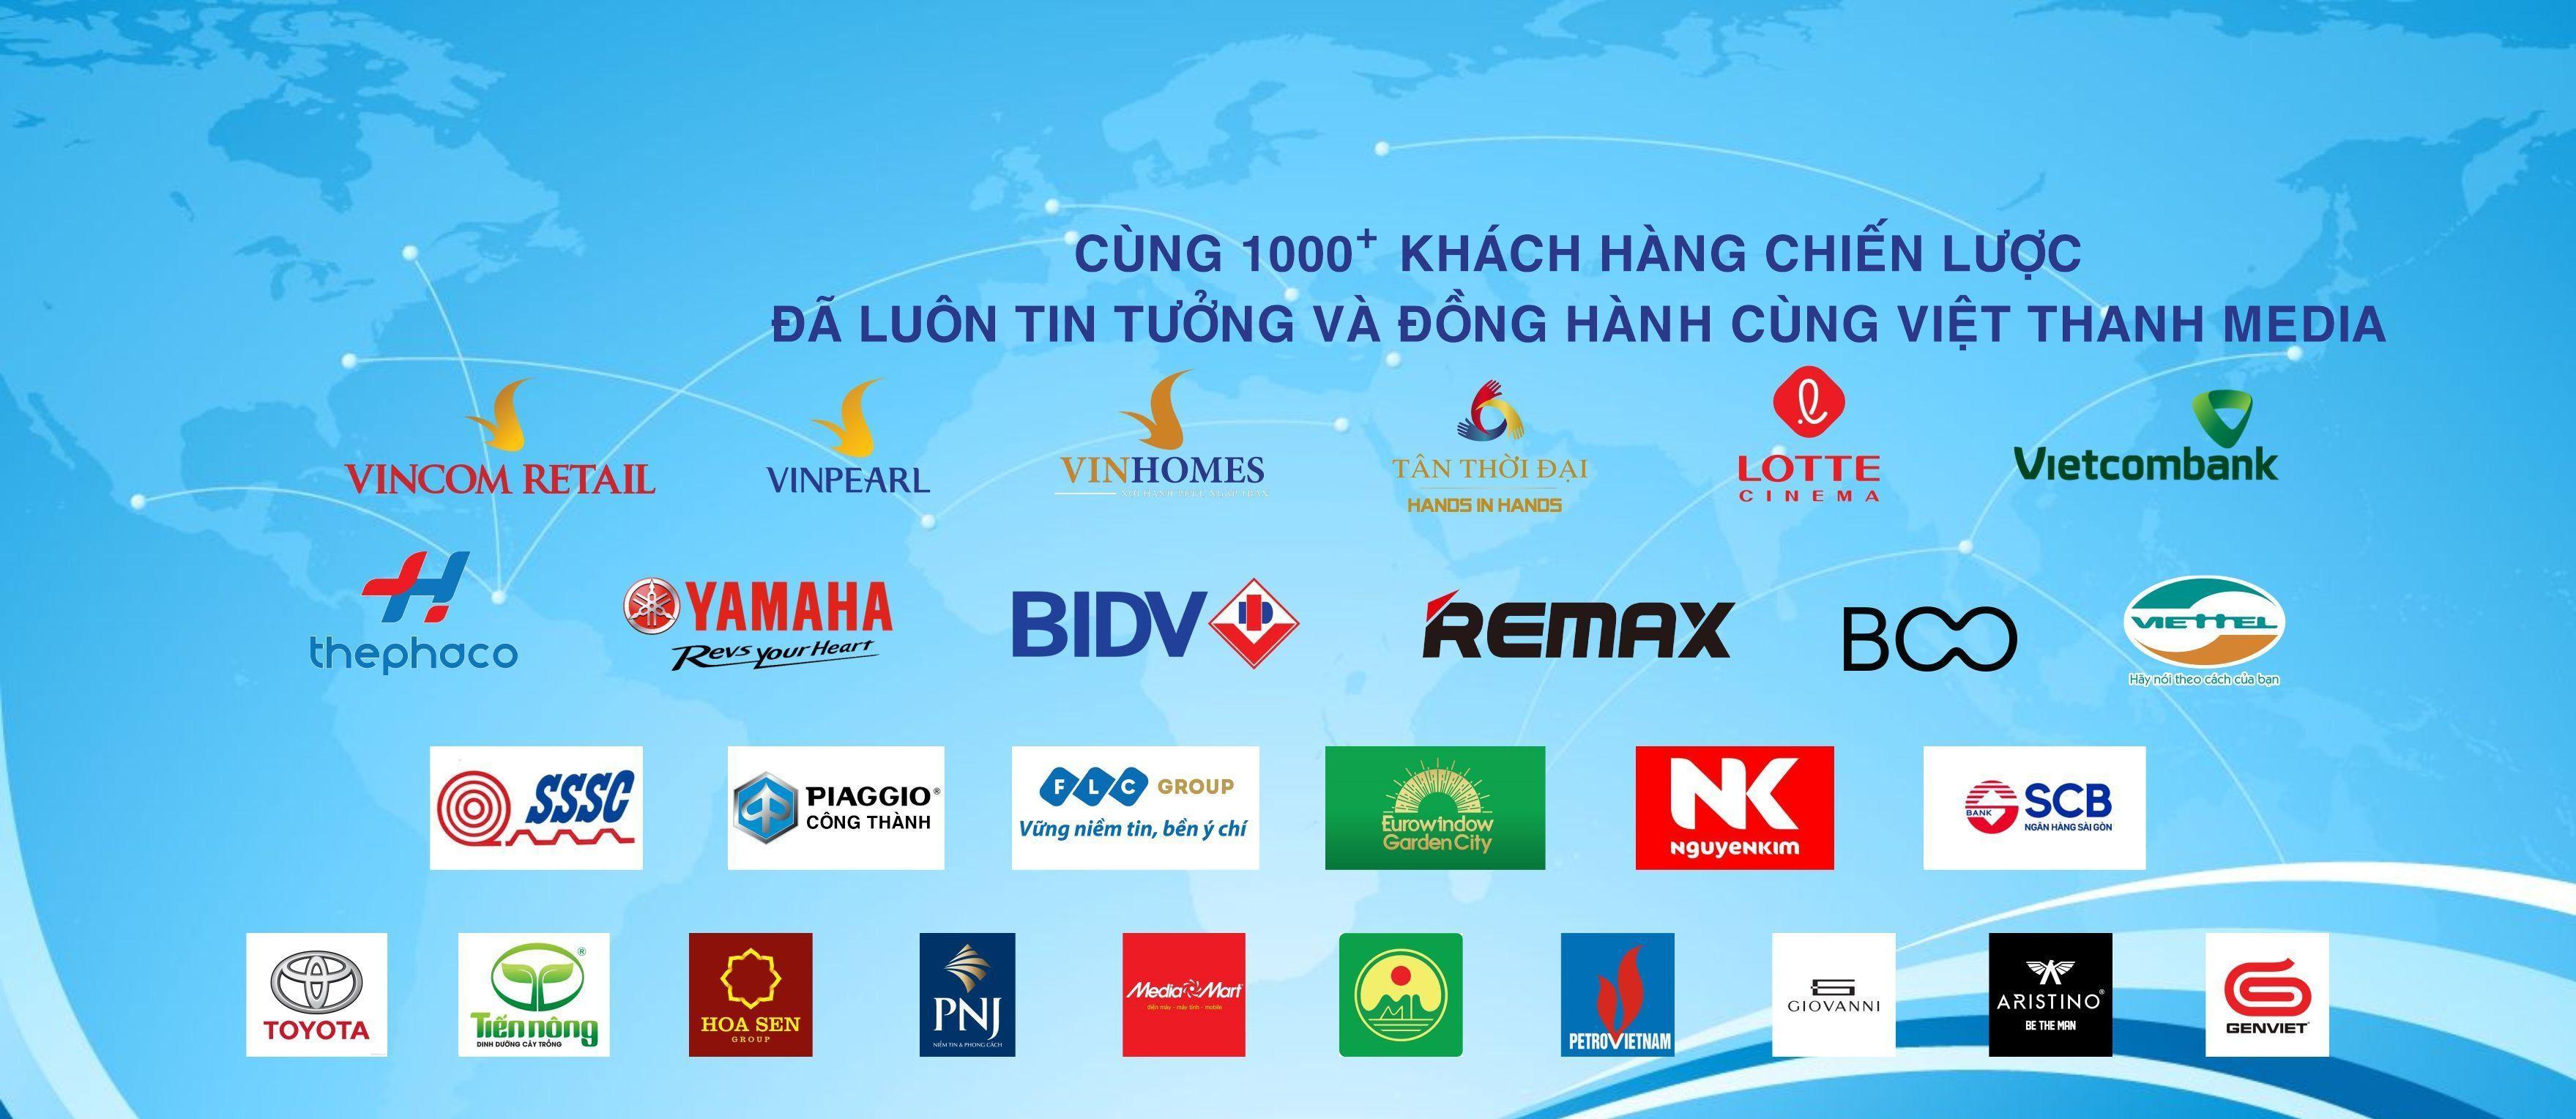 Đối tác chiến lược của Việt Thanh Media